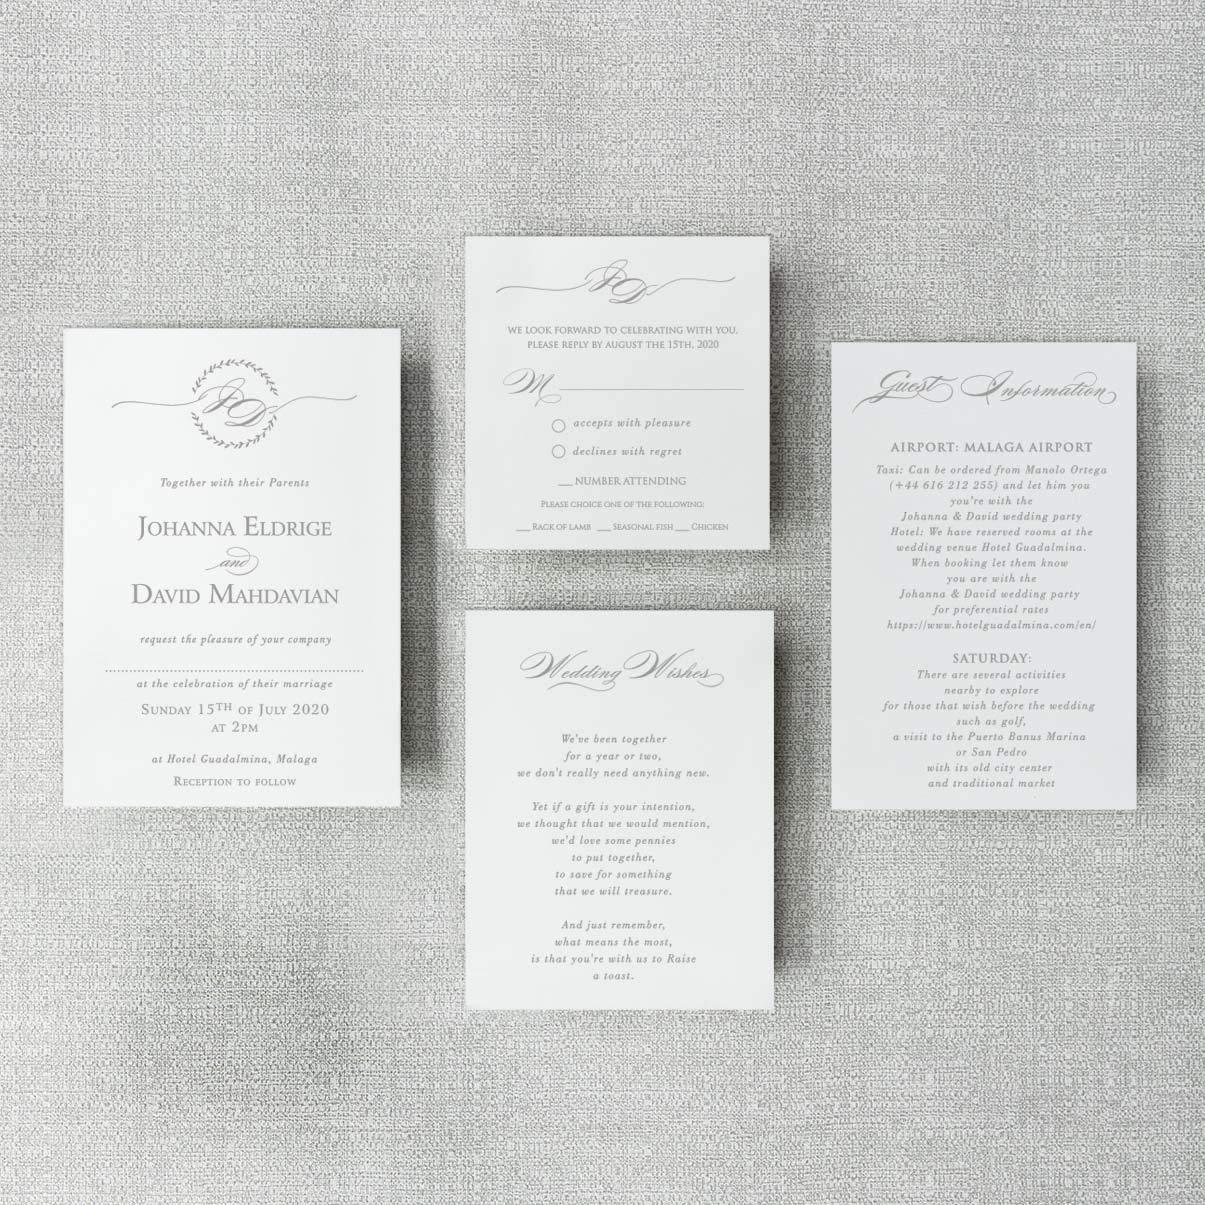 Muestra preimpresa de bricolaje Borgo/ña Invitaciones de boda azul marino cortadas con l/áser con sobres Bolsillo elegante con 4 insertos principal noche. d/ía RSVP